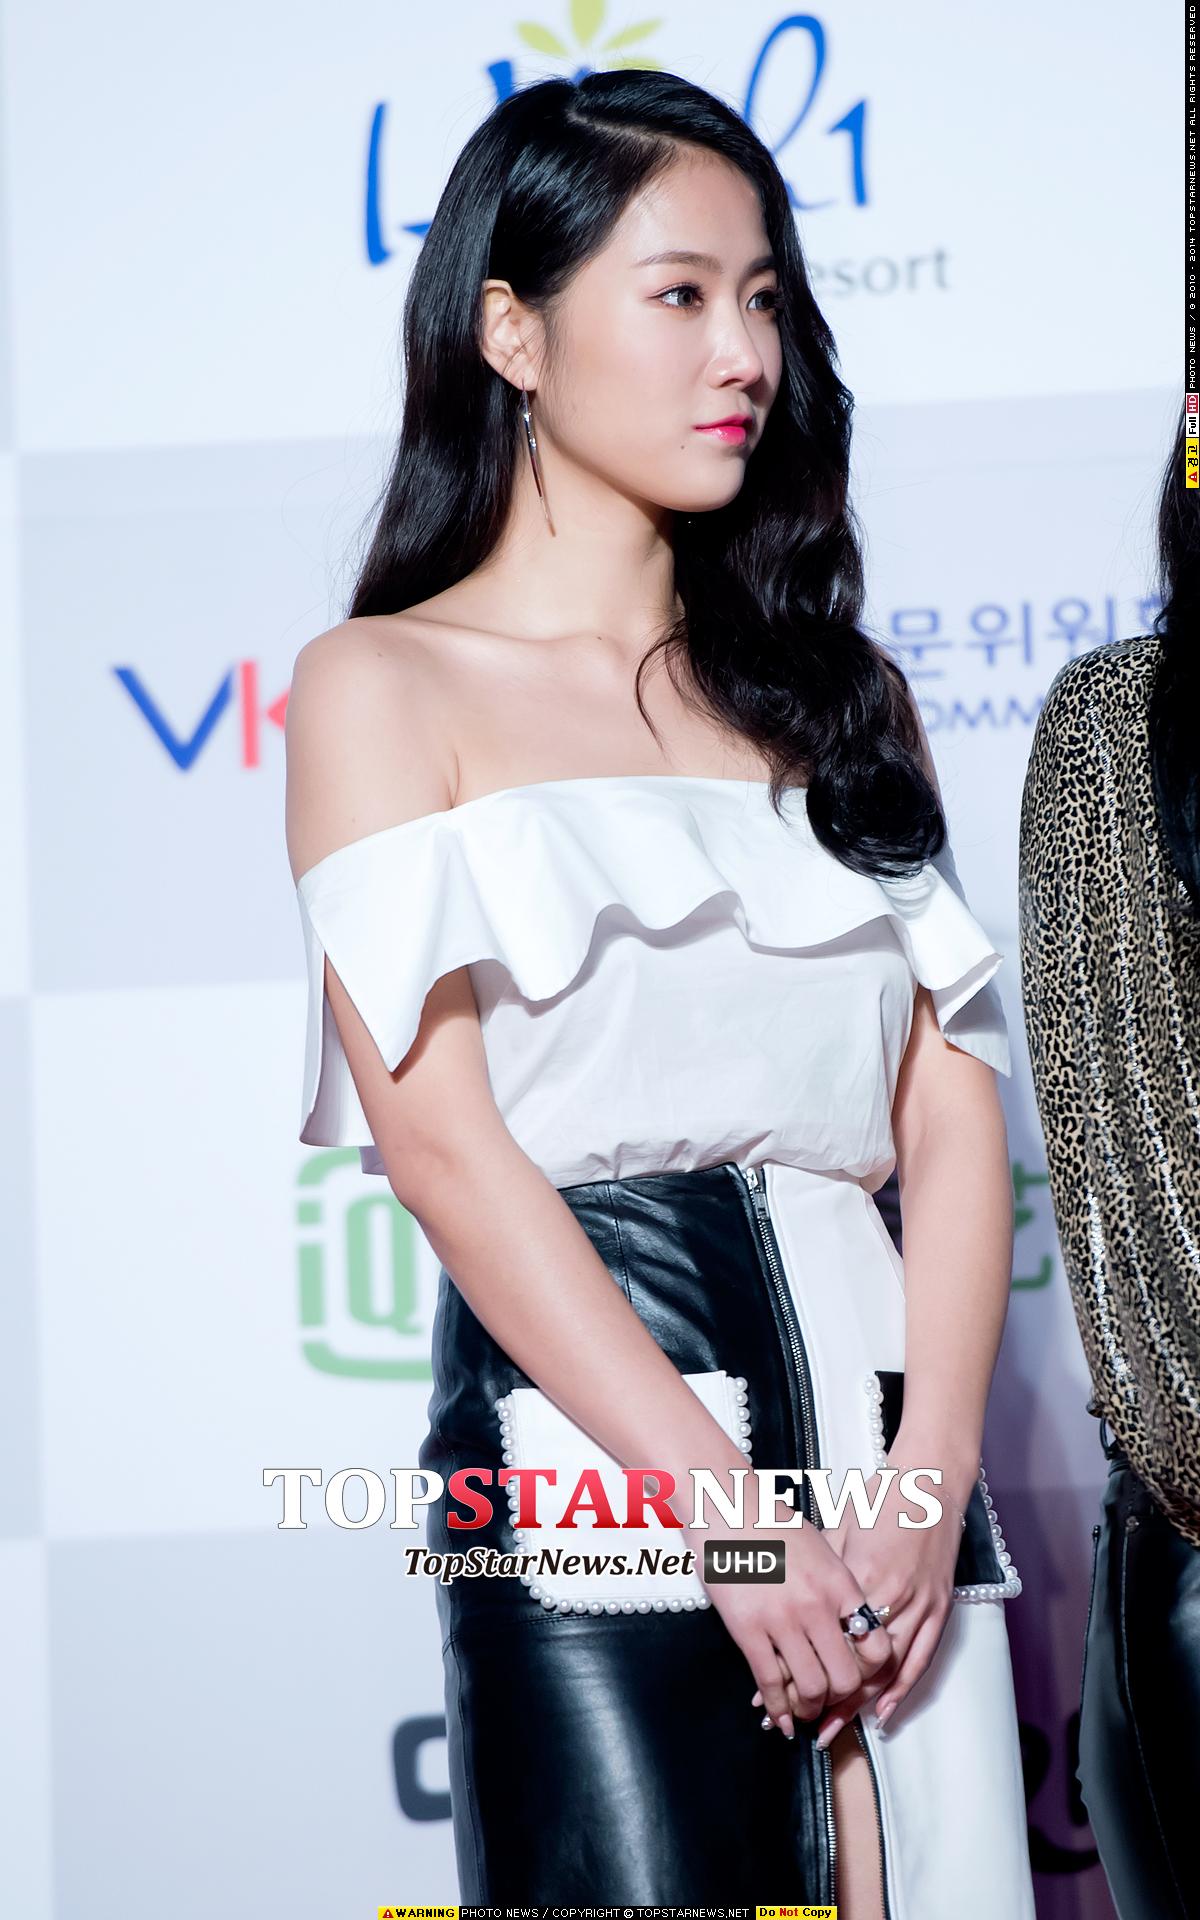 不過前幾天出席首爾歌謠大賞的韶宥,不論是臉還是身材似乎都更瘦了一點